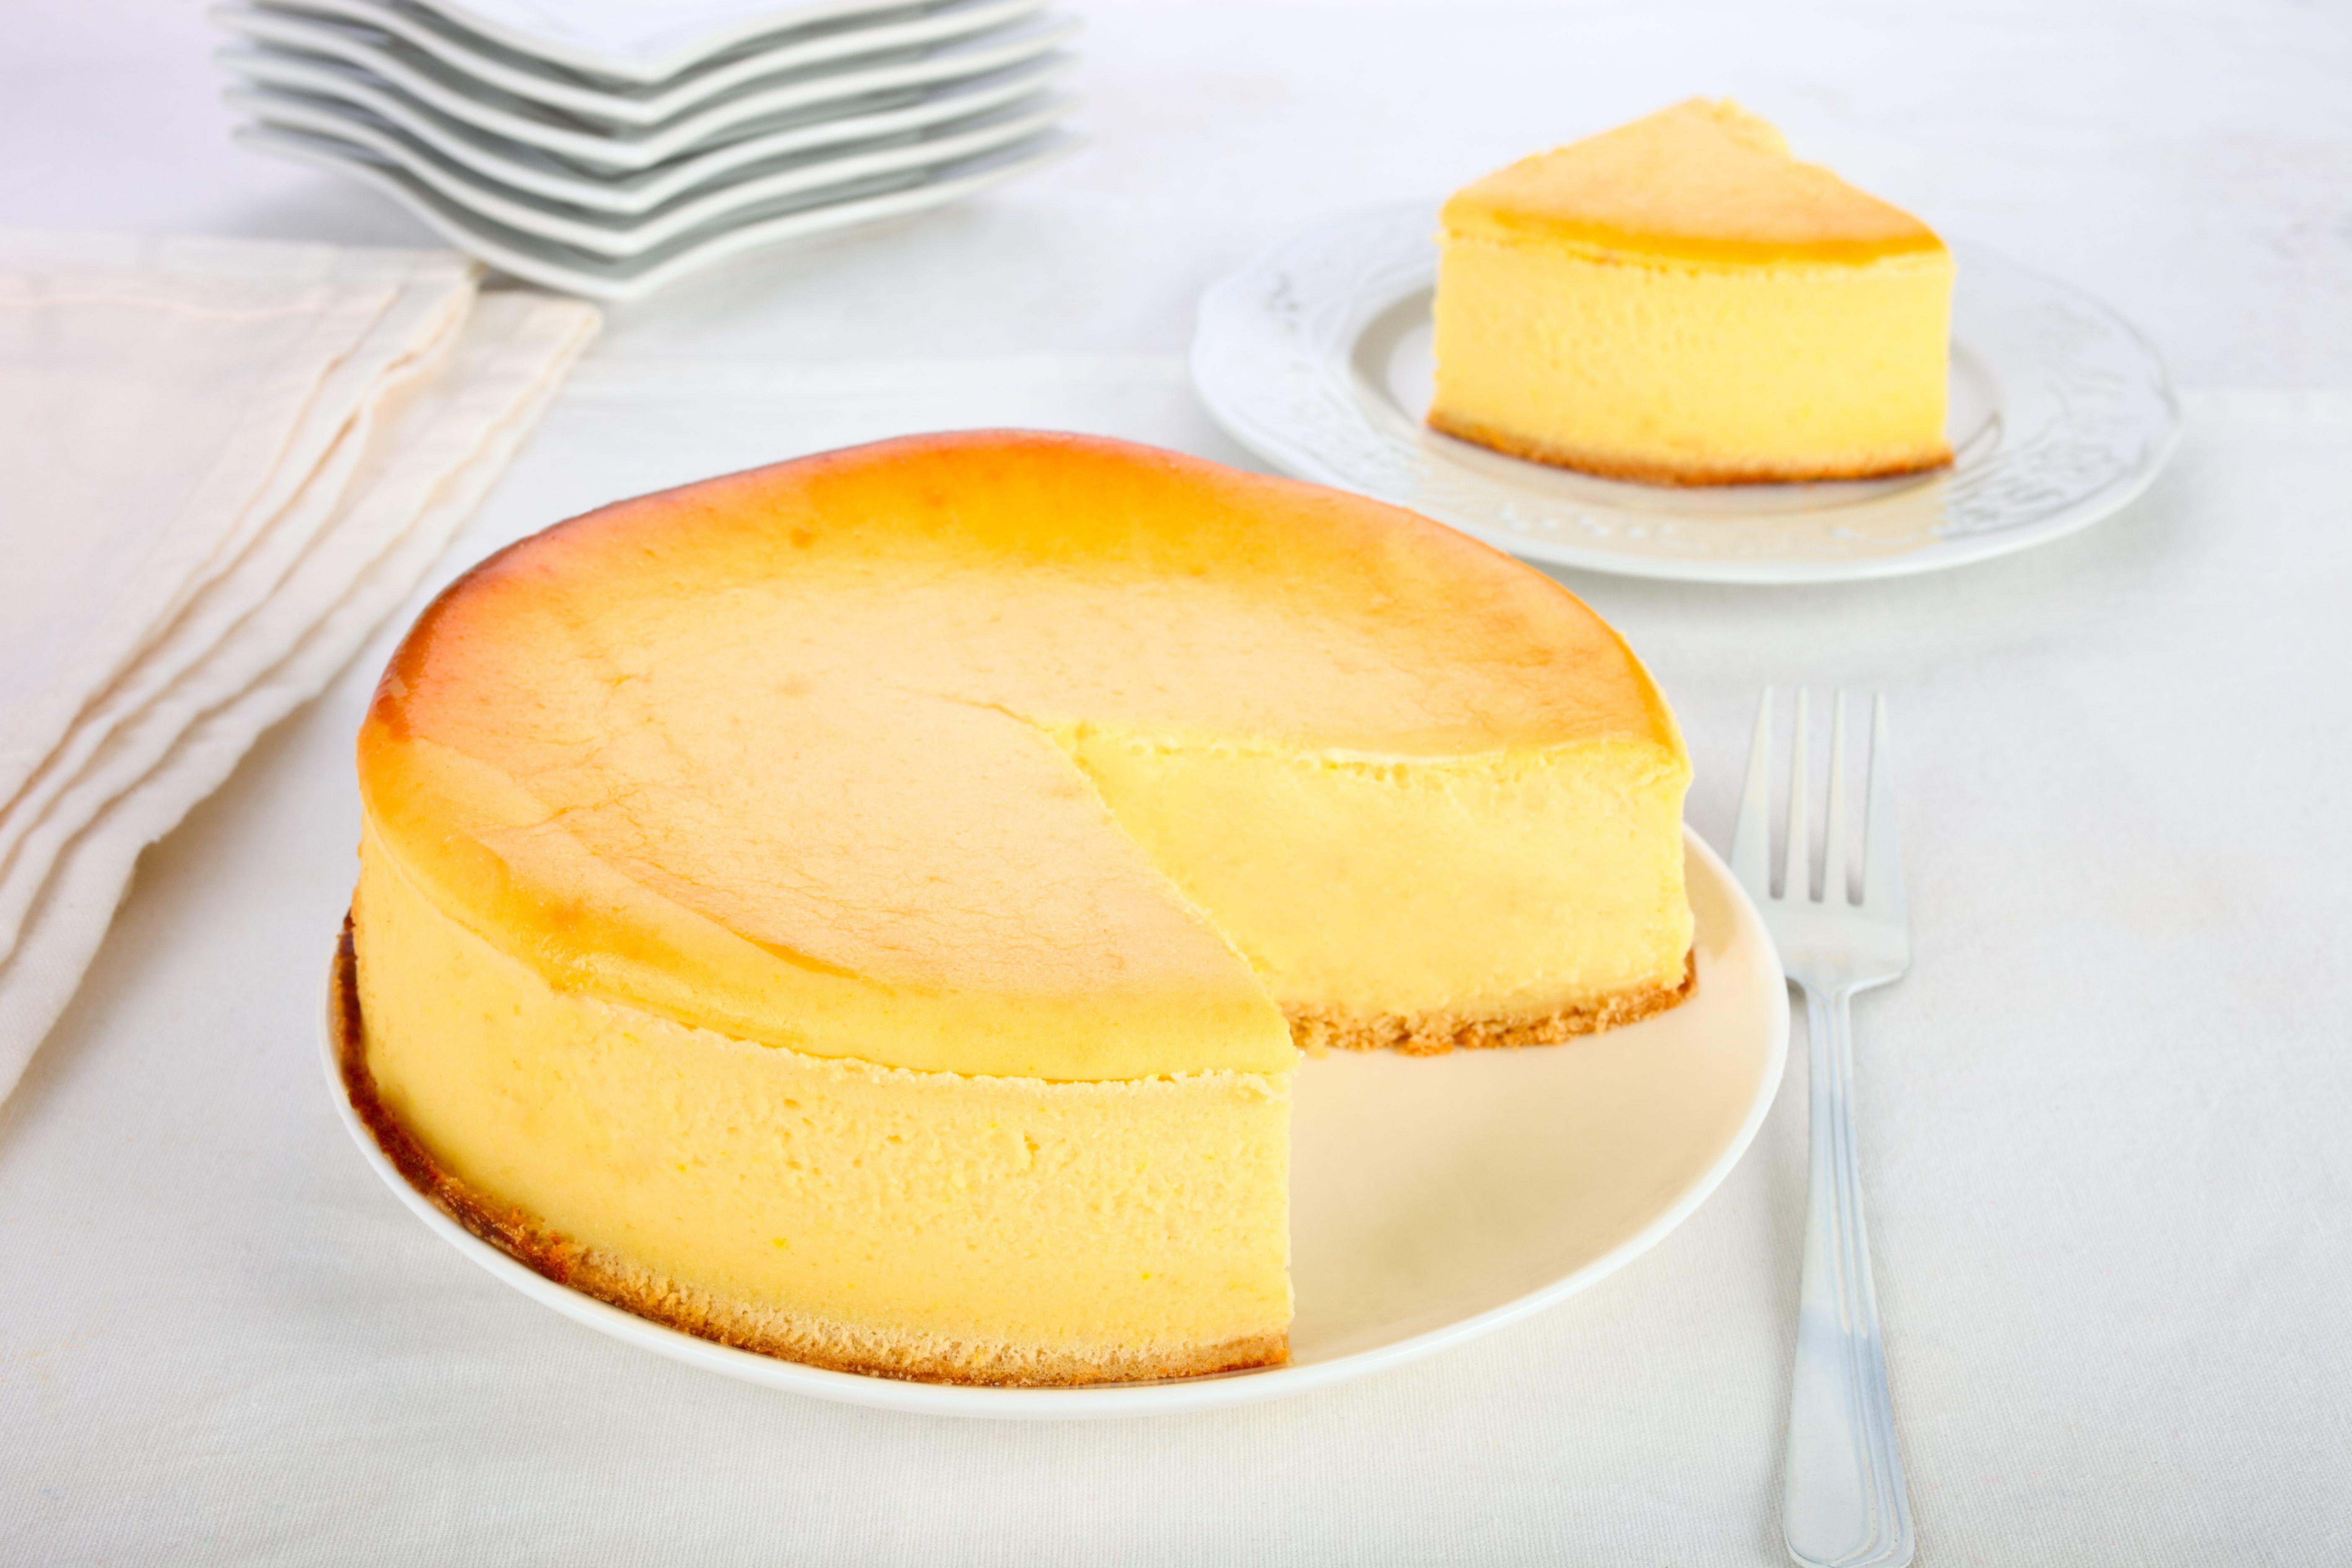 Cheesecake leggera: la ricetta per un piccolo peccato di gola